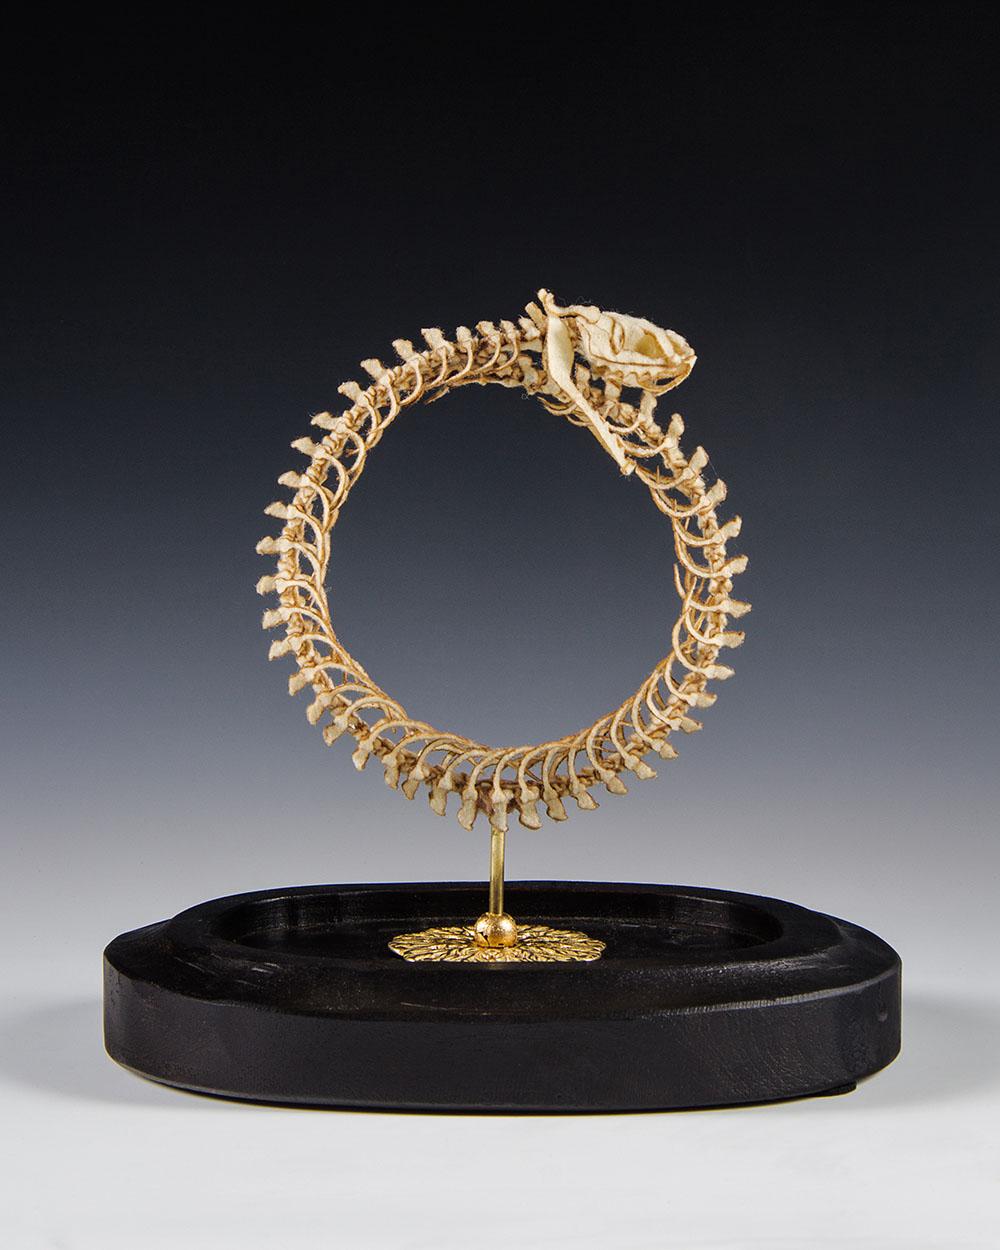 Анатомические скульптуры из шерсти (10 фото)